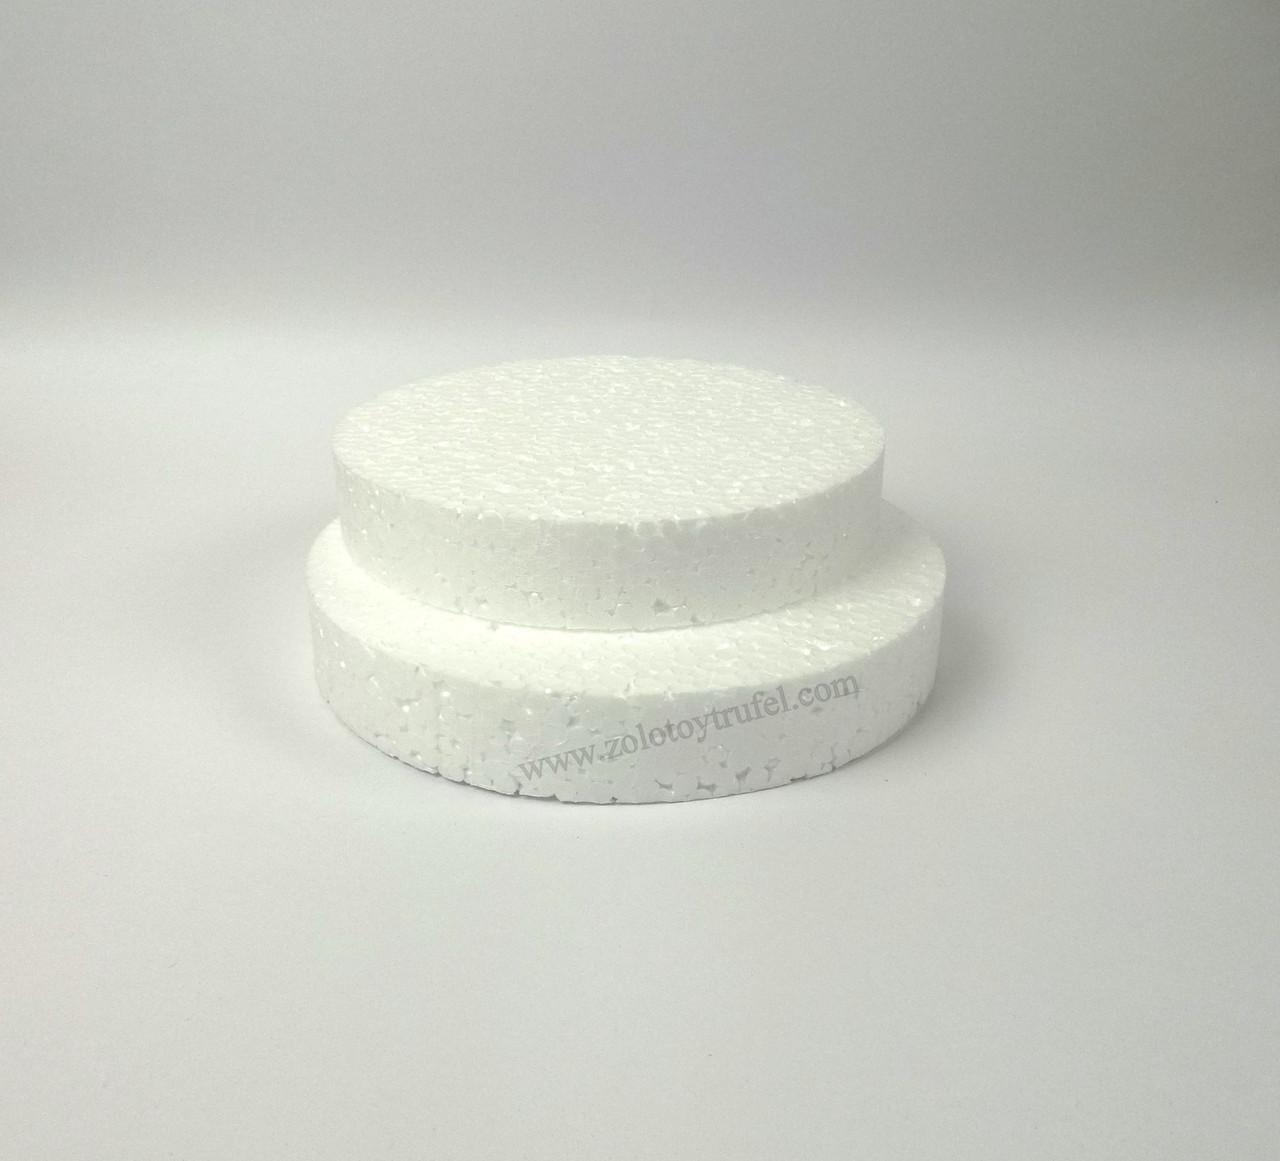 Прослойка пенопластовая для торта d 16 см h 3 см